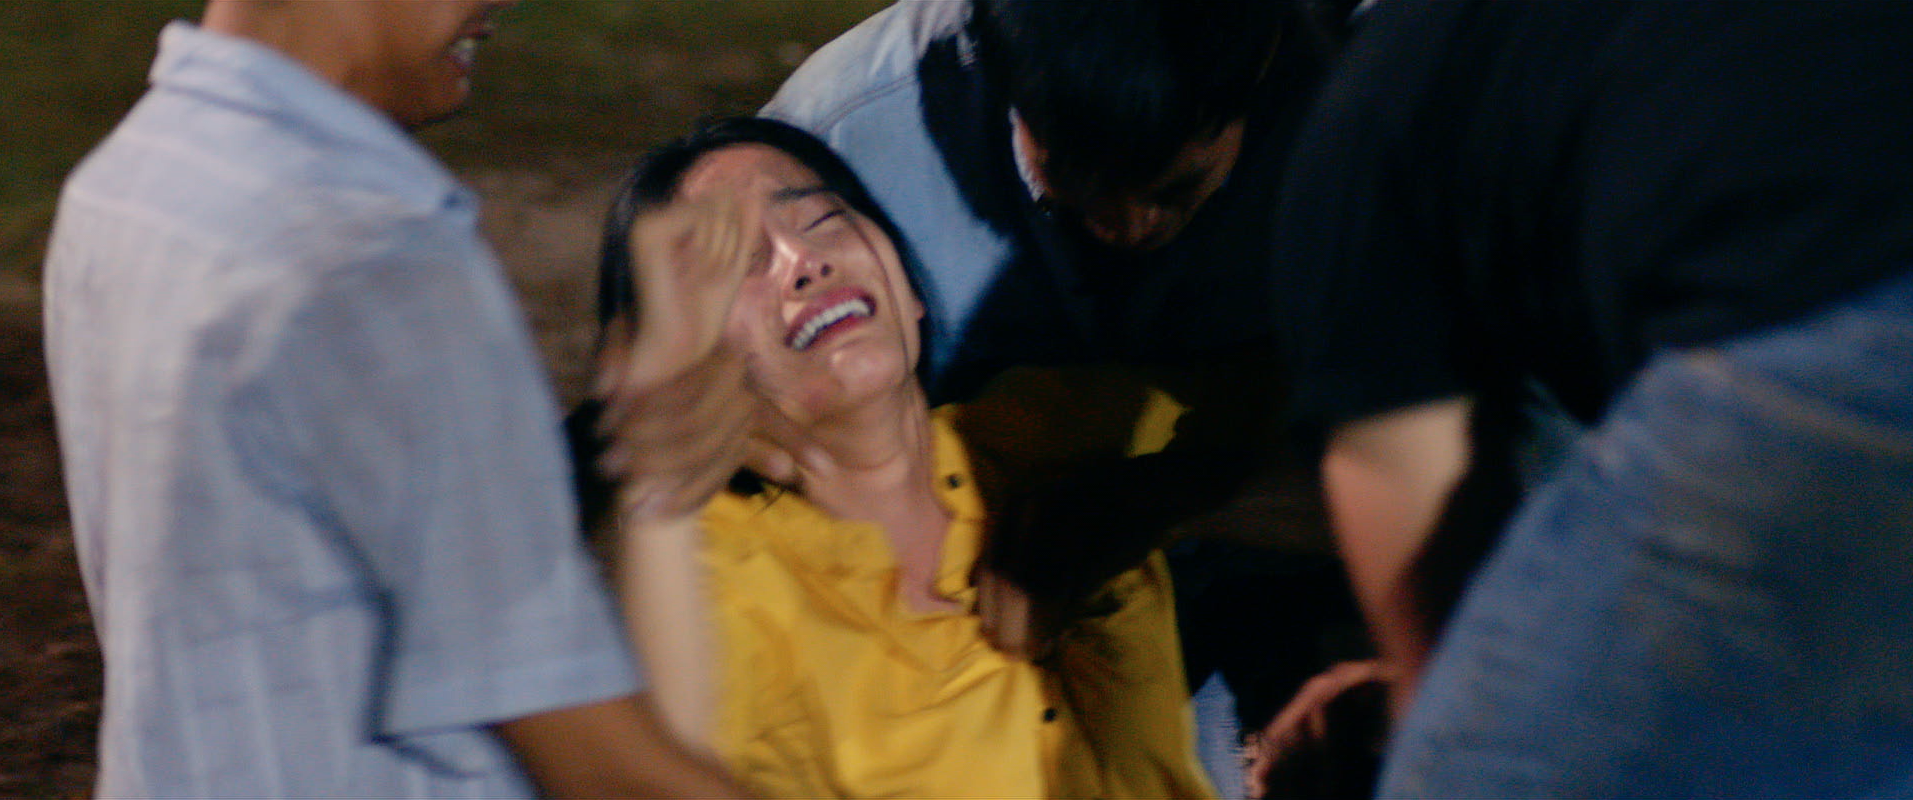 Hữu Châu bất lực nhìn Nam Em bị cưỡng hiếp trong trailer Lô Tô - Ảnh 6.